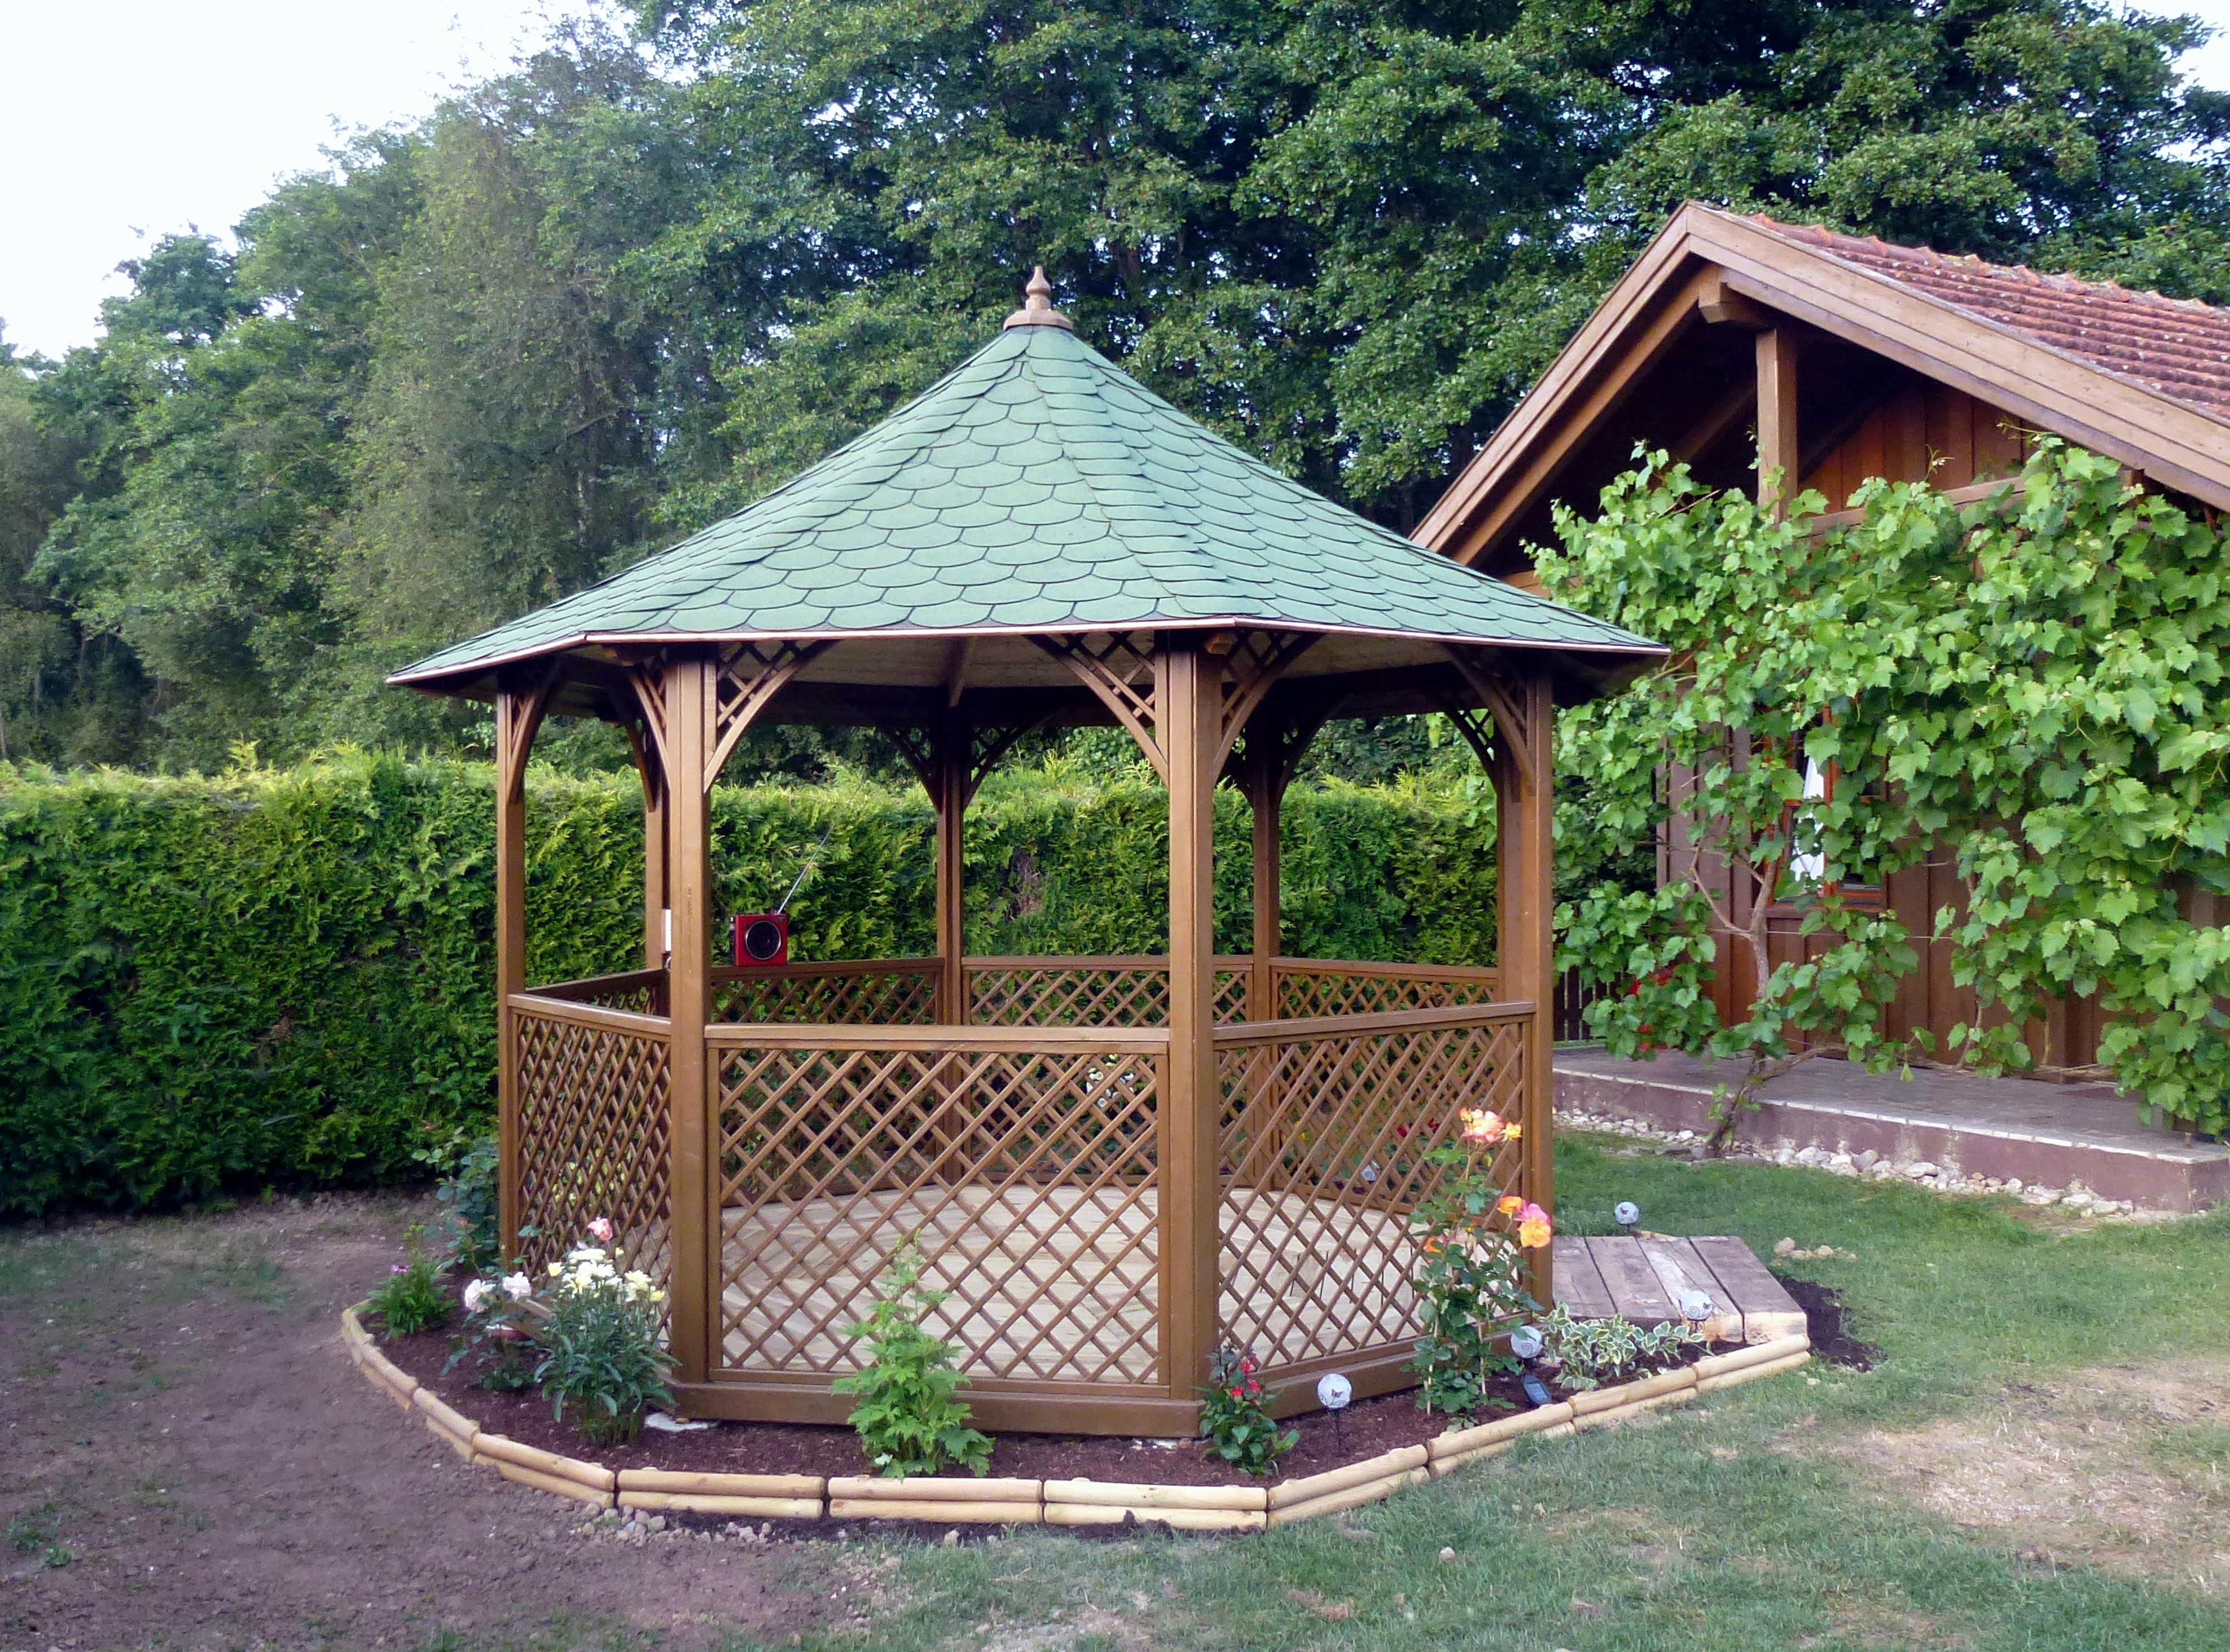 Carrefour tonnelle De Jardin Luxe Galerie Abris De Jardin original Pour Regard solennel Abri Jardin Carrefour